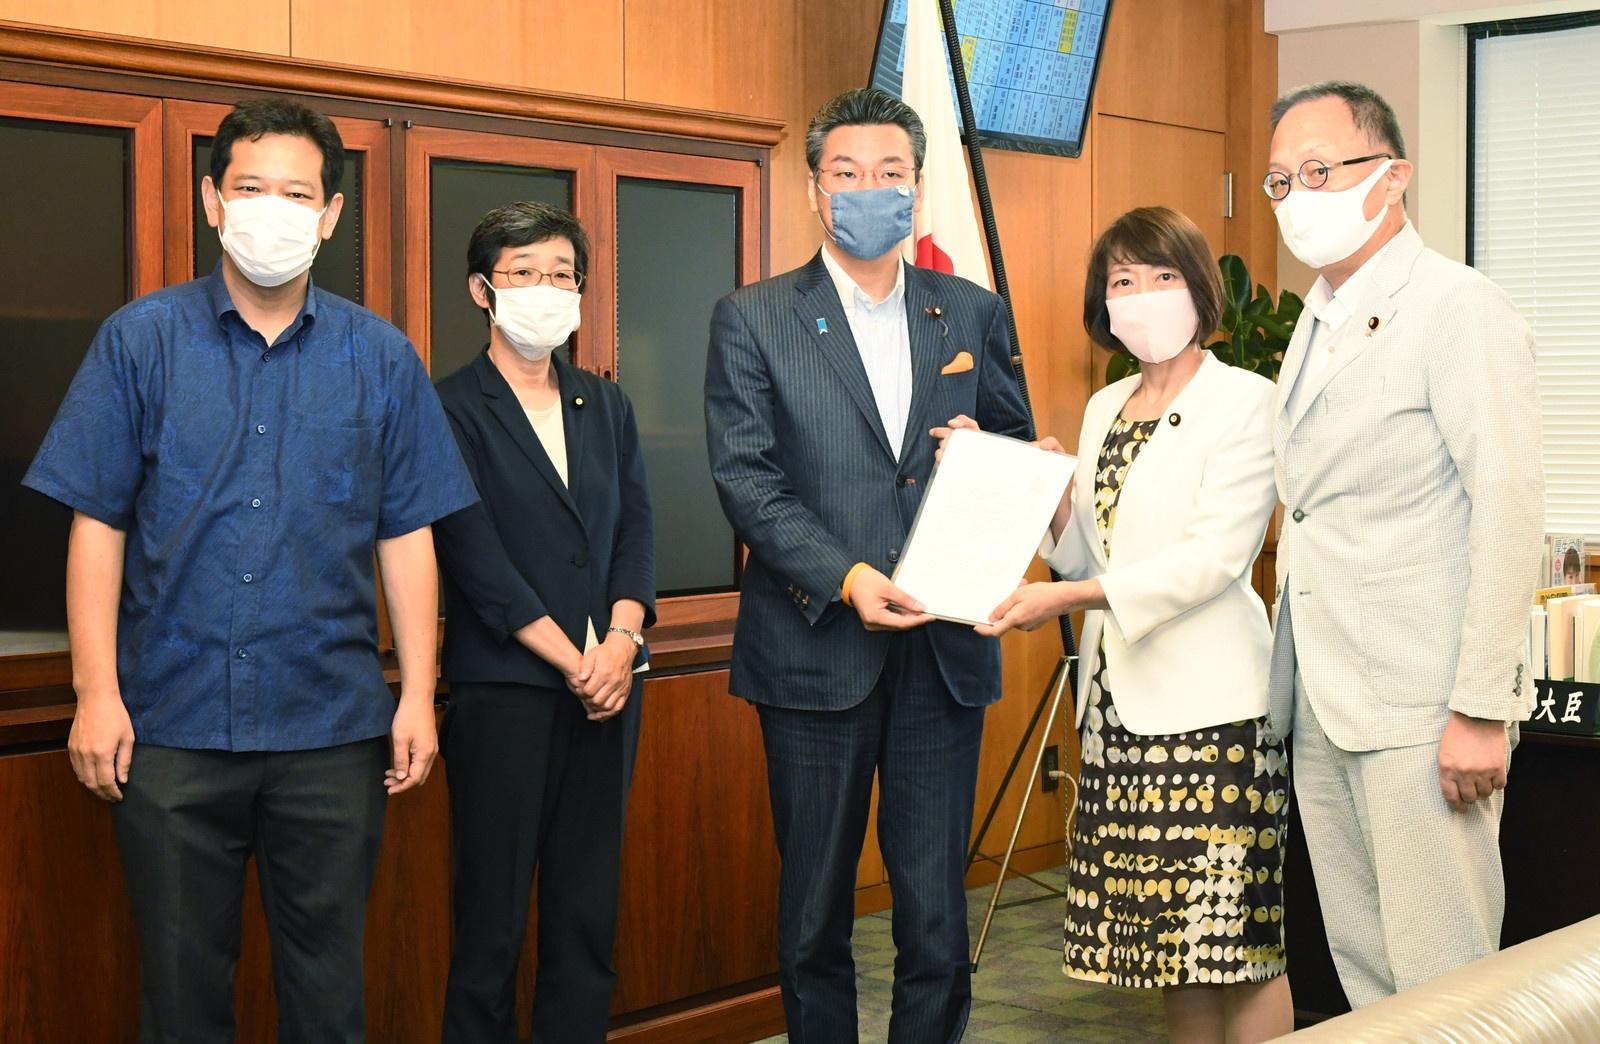 橋本厚労副大臣(中央)に申し入れる(右へ)田村、笠井、(左から)宮本、倉林の各議員